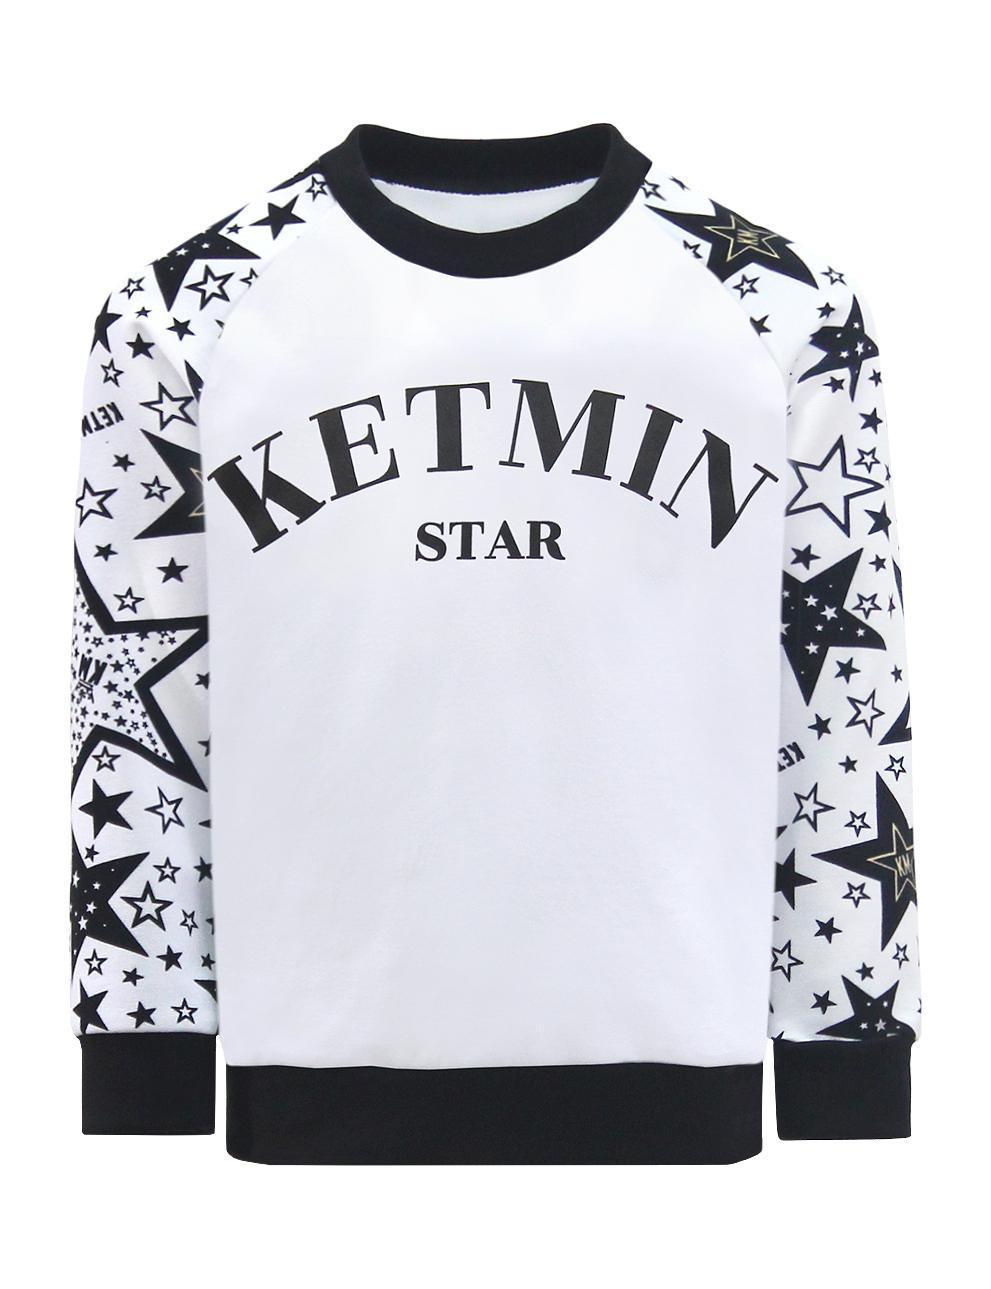 Свитшот детский KETMIN STAR реглан цв.Белый